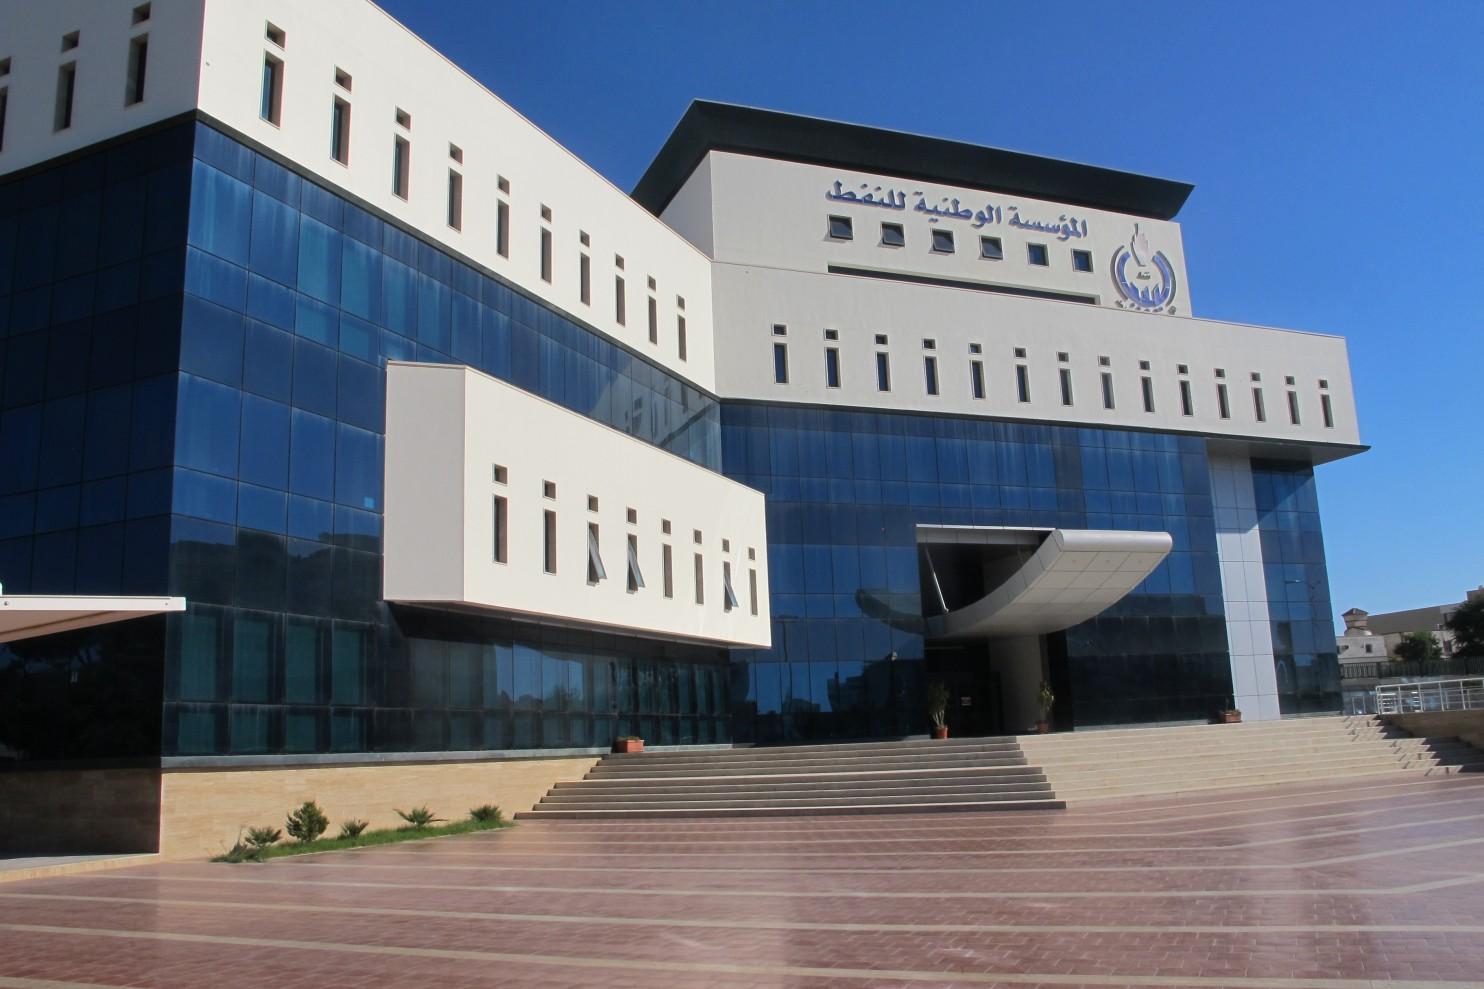 مؤسسة النفط الليبية تنفي لجؤها إلى مقايضة نفطها الخام بالمحروقات